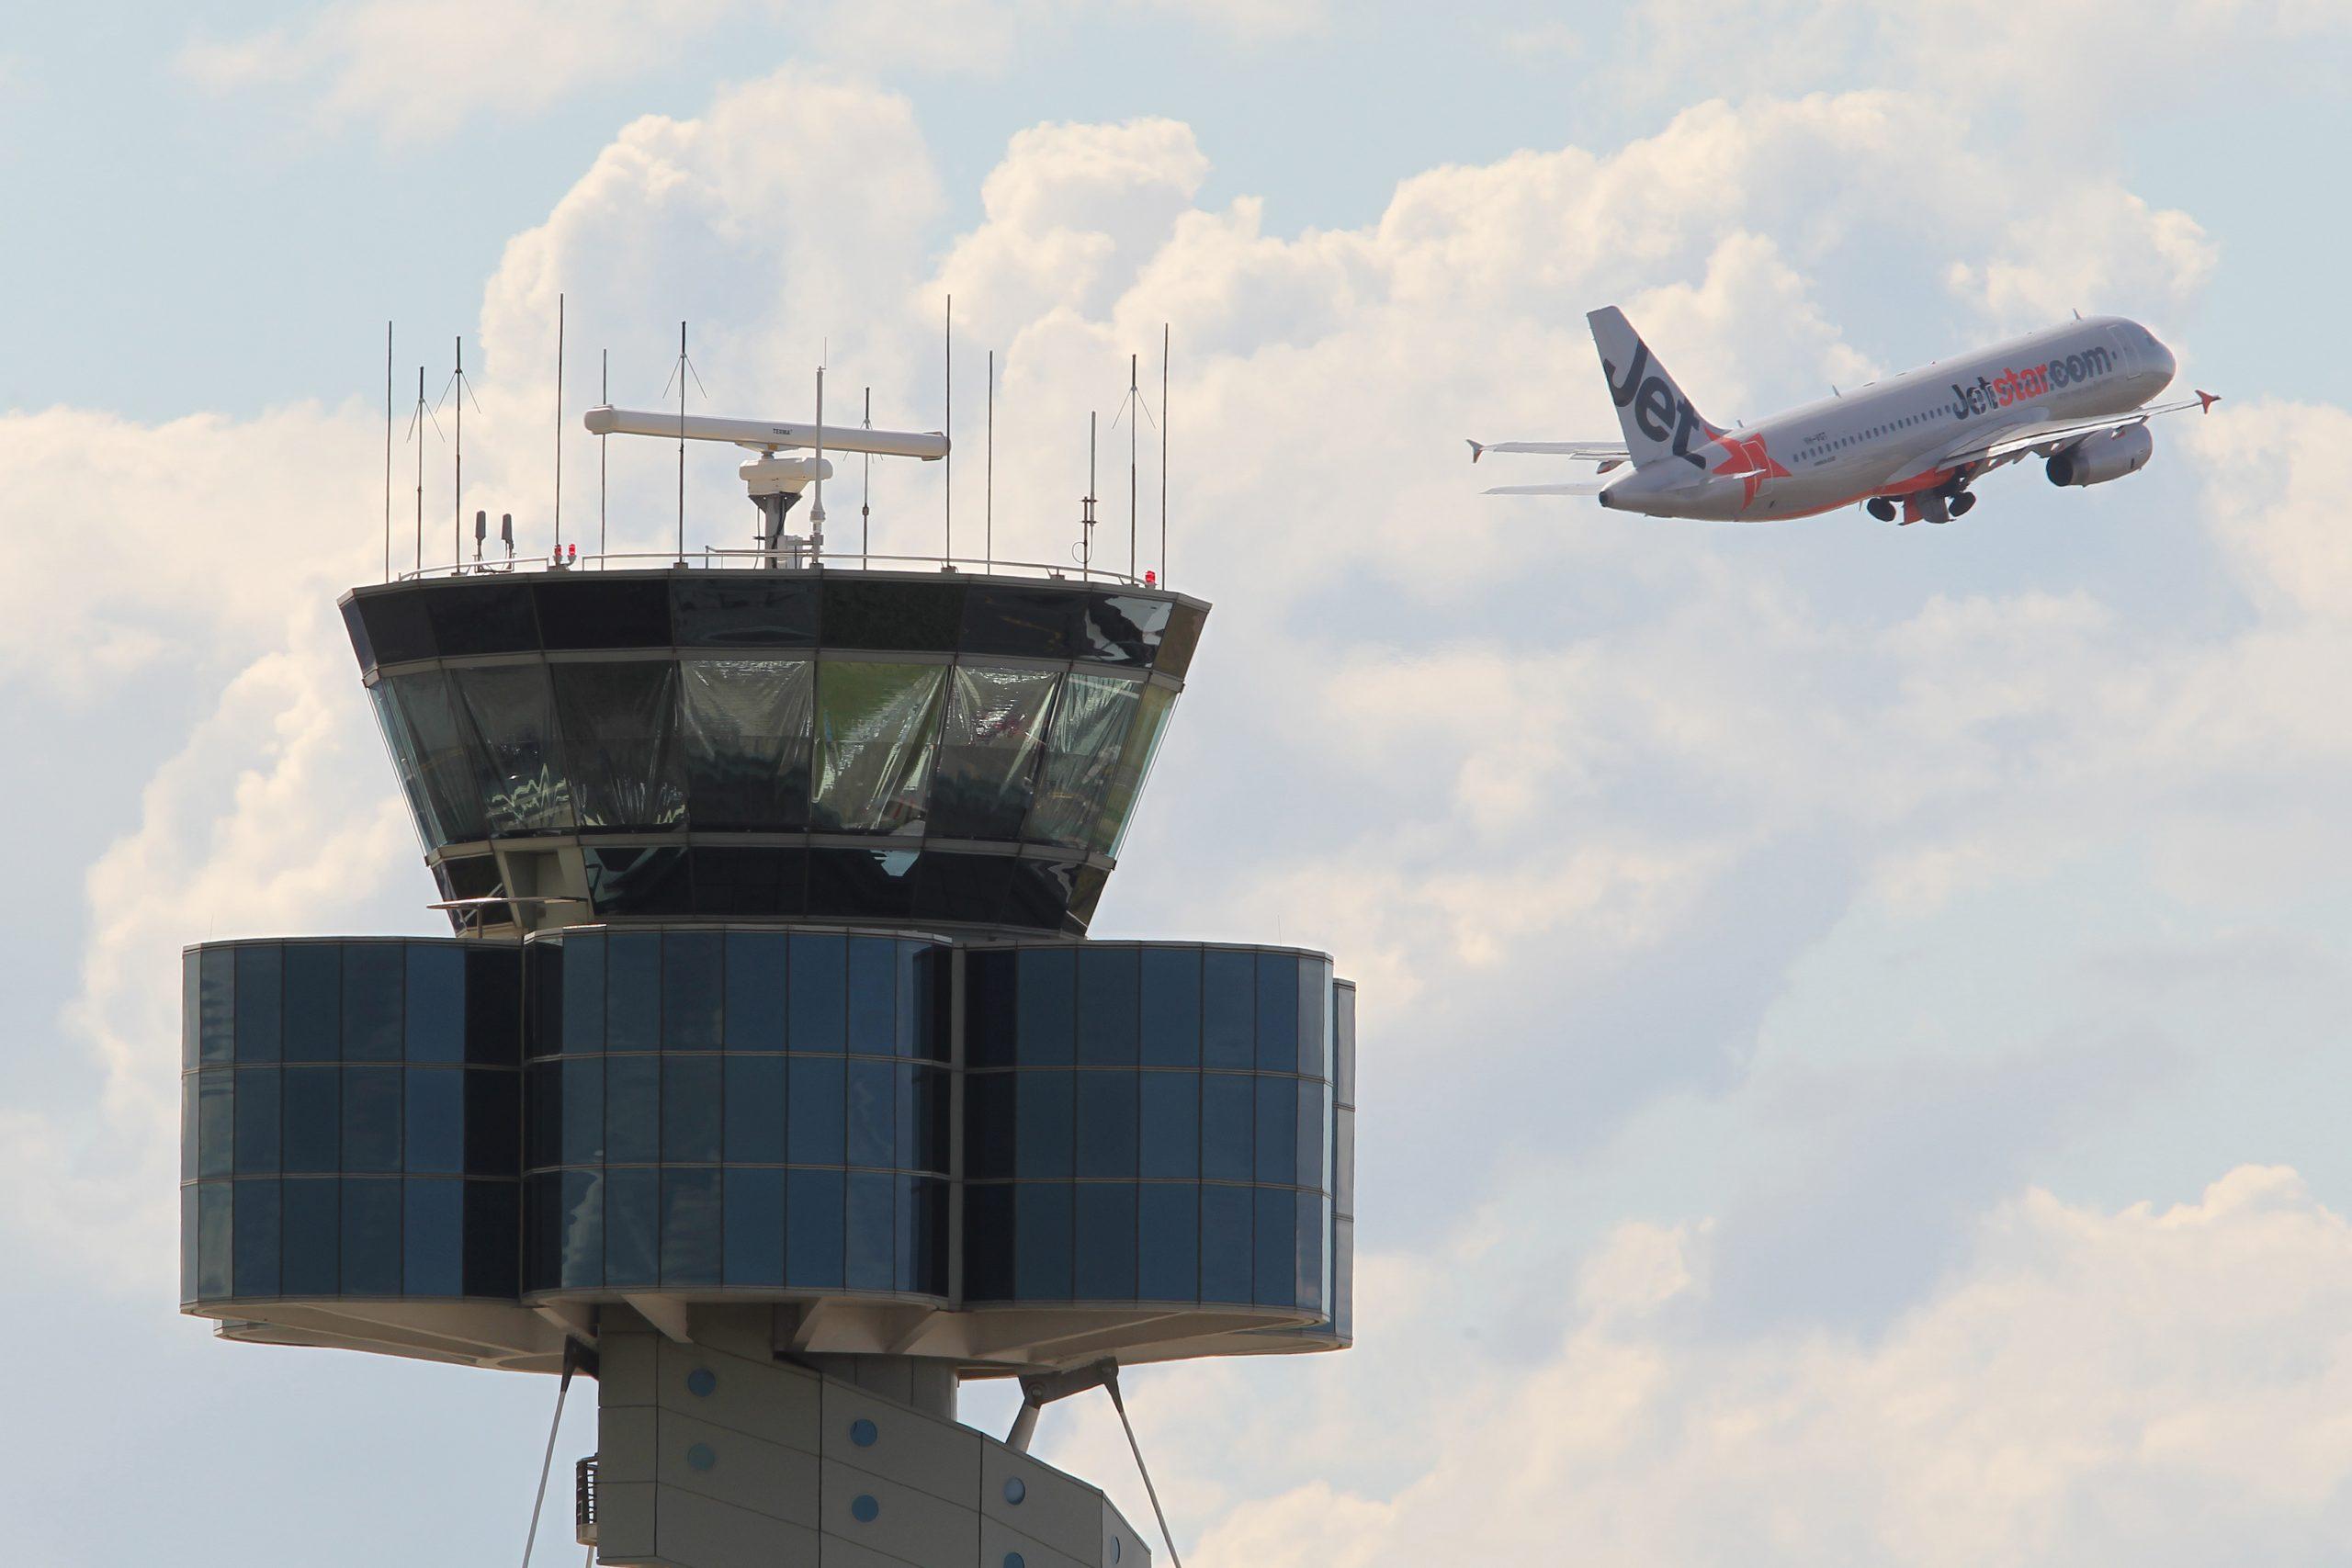 MyPlanet står foran en fyringsrunde – rejsebureauet har hidtil haft primært fokus på individuelle rejser til USA, Canada, Sydafrika, New Zealand og – billedet – Australien. Arkivpressefoto fra Sydney Airport.